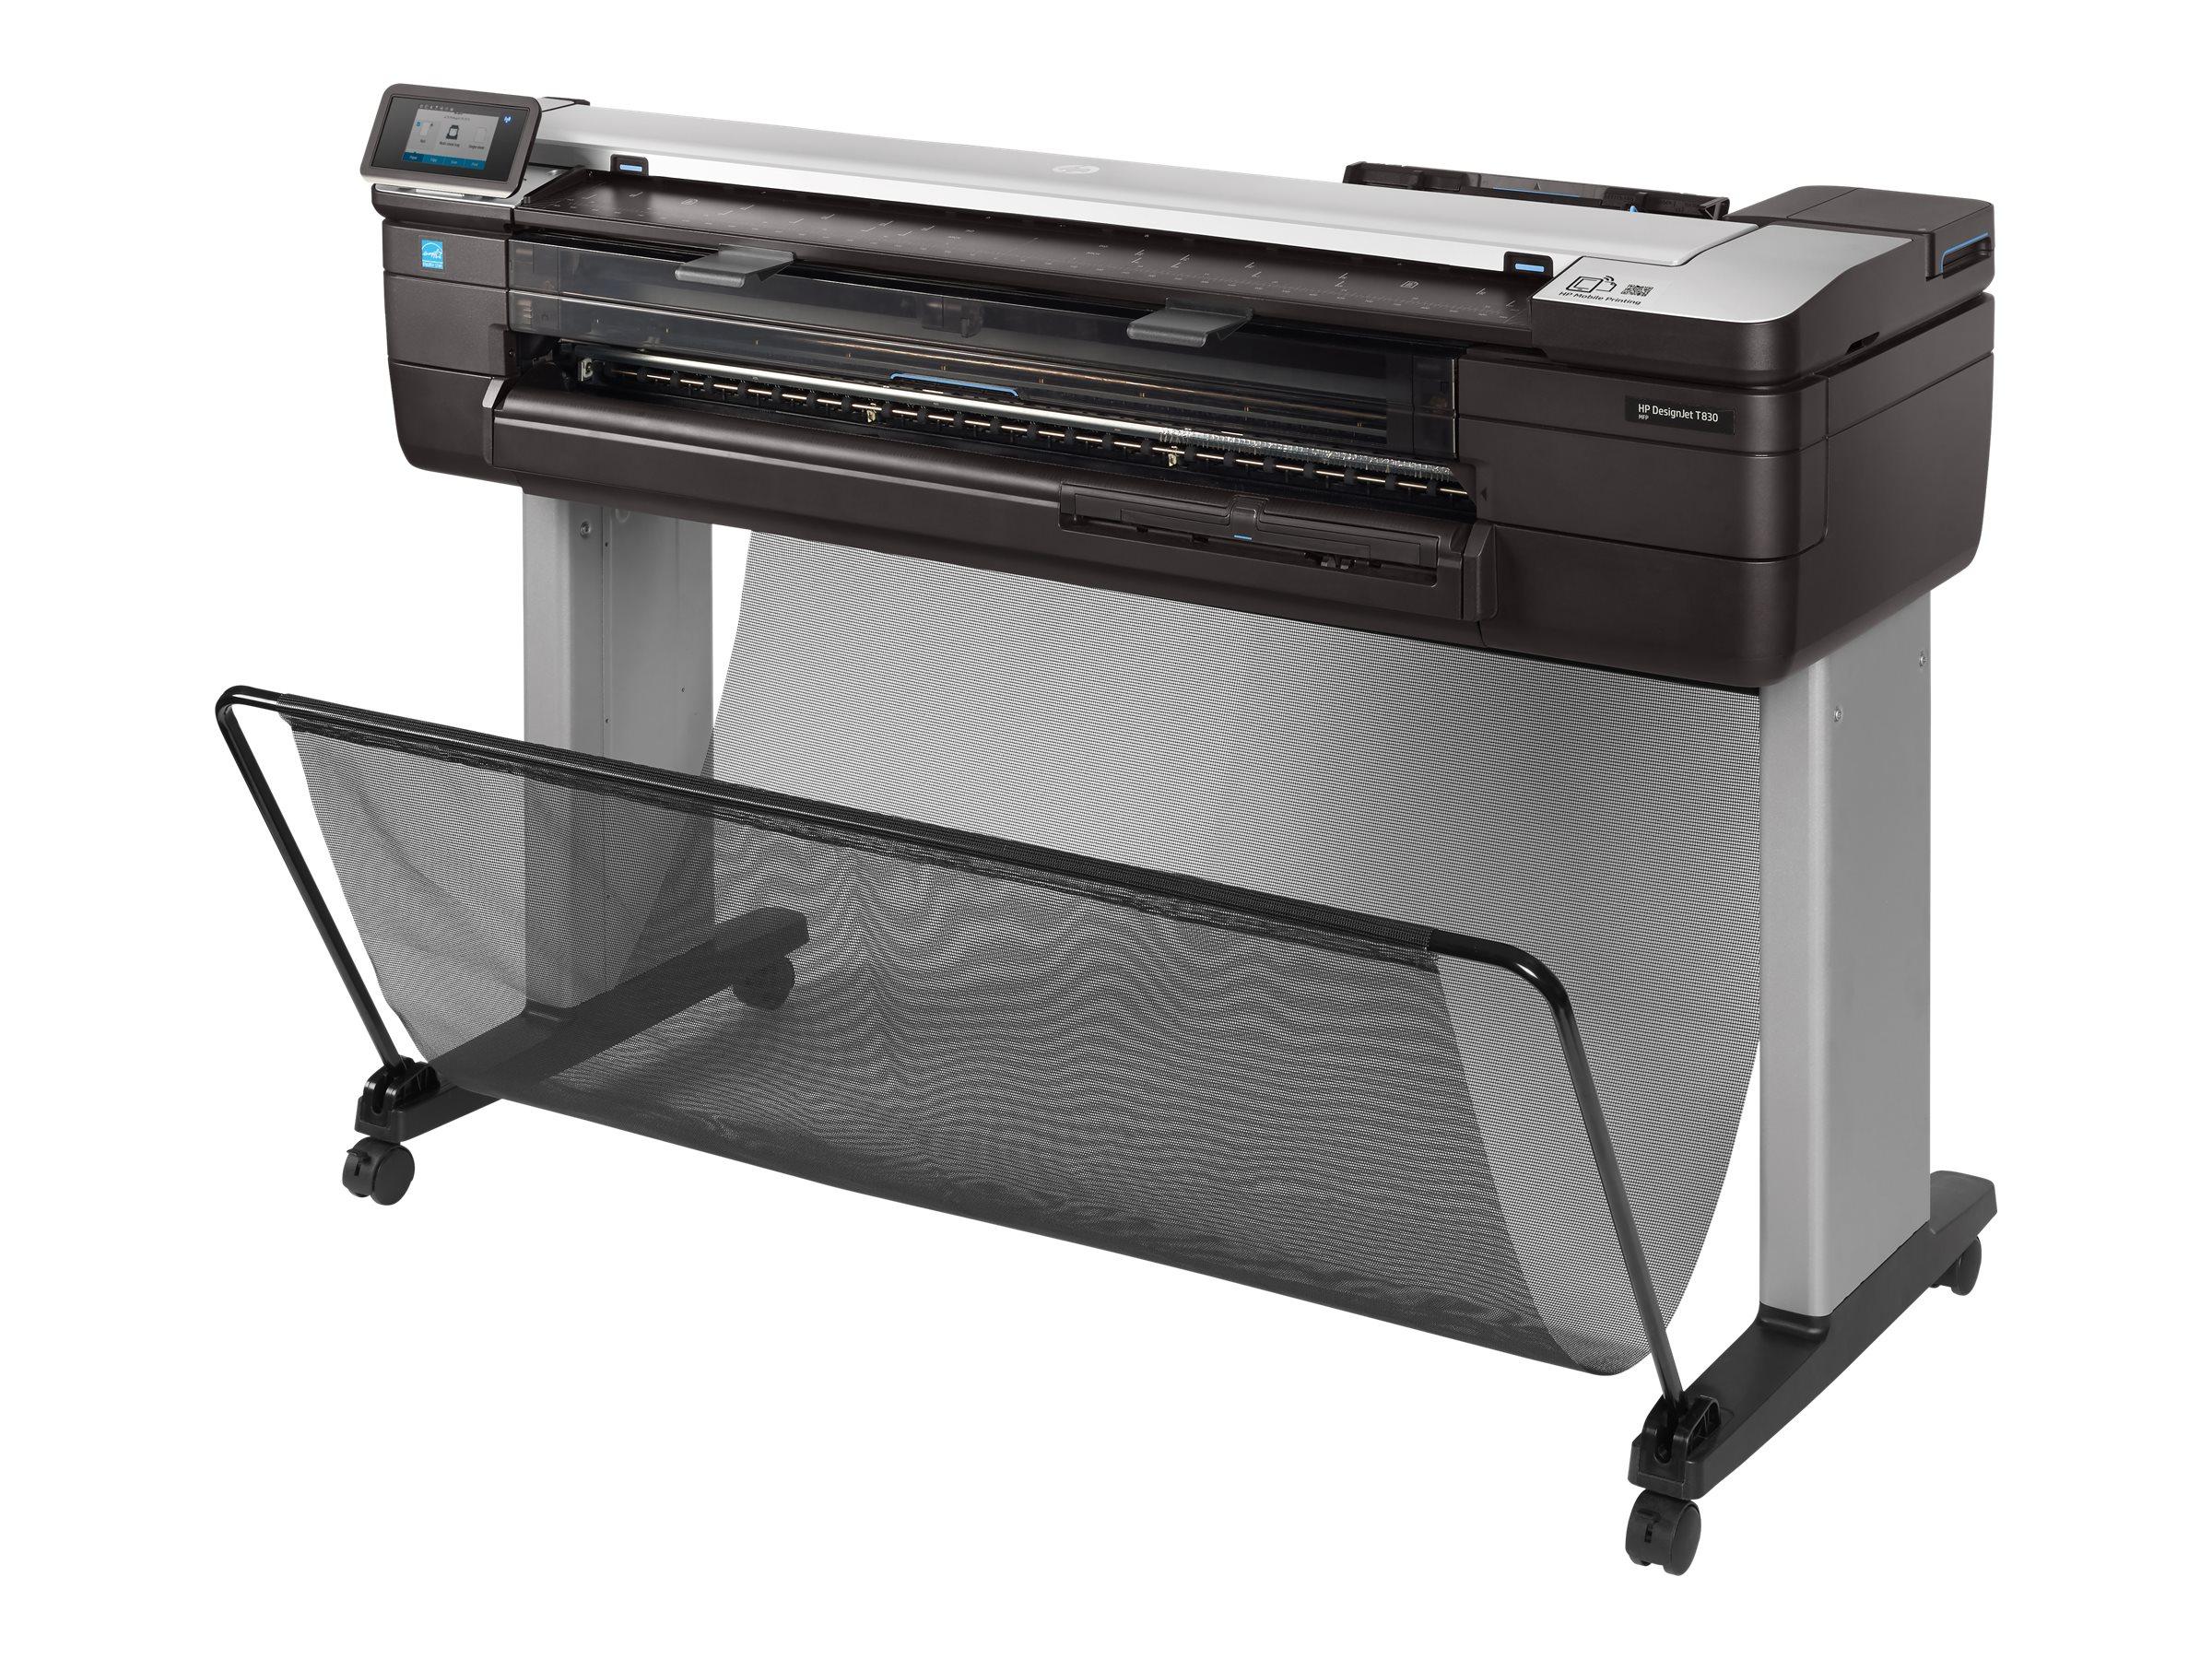 """Vorschau: HP DesignJet T830 - 914 mm (36"""") Multifunktionsdrucker - Farbe - Tintenstrahl - 914 x 2770 mm (Original)"""